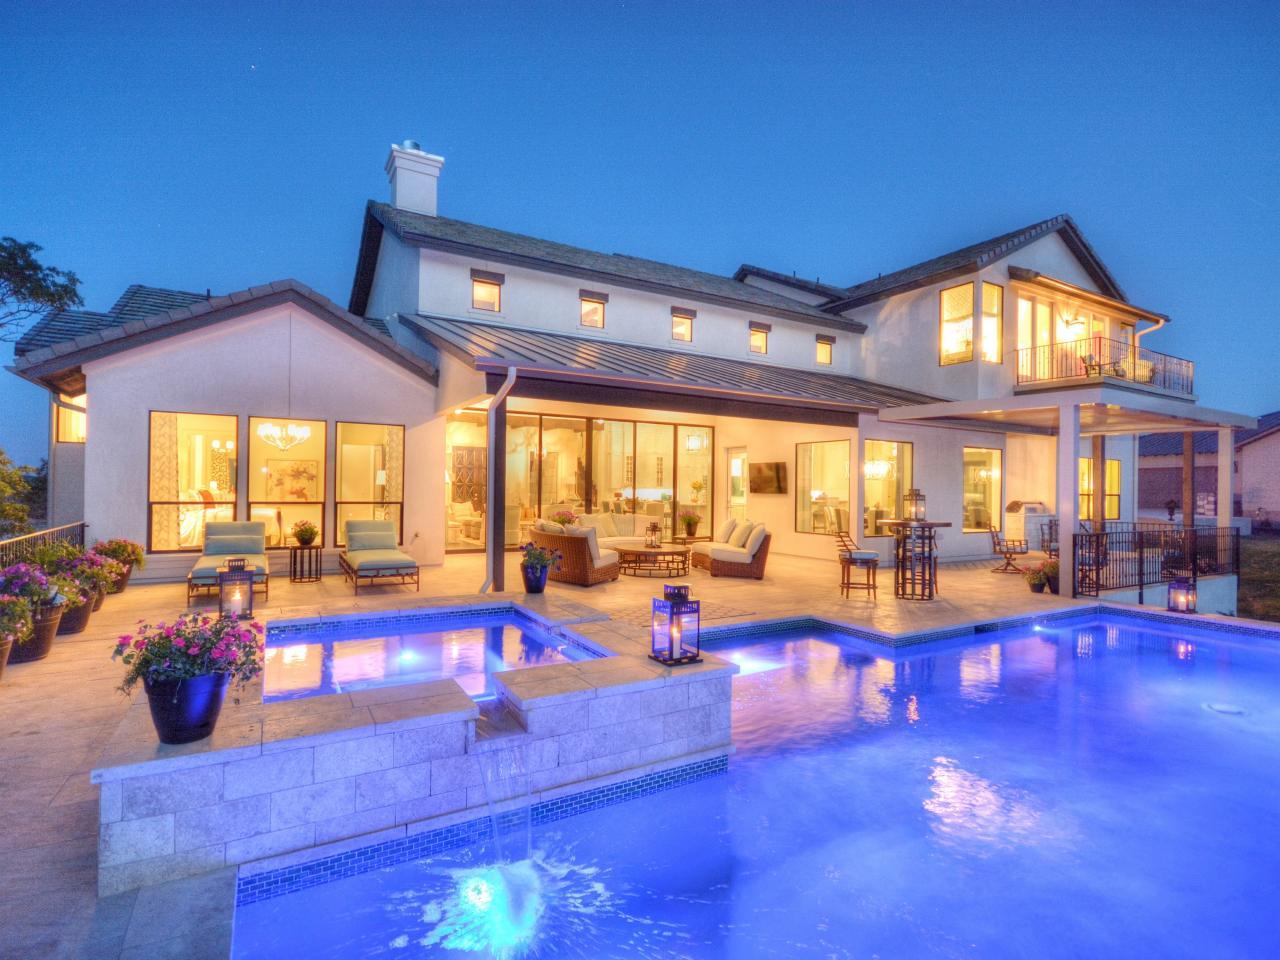 Texas Hill Country House Plans Semmelus Multi Family Floor Plans